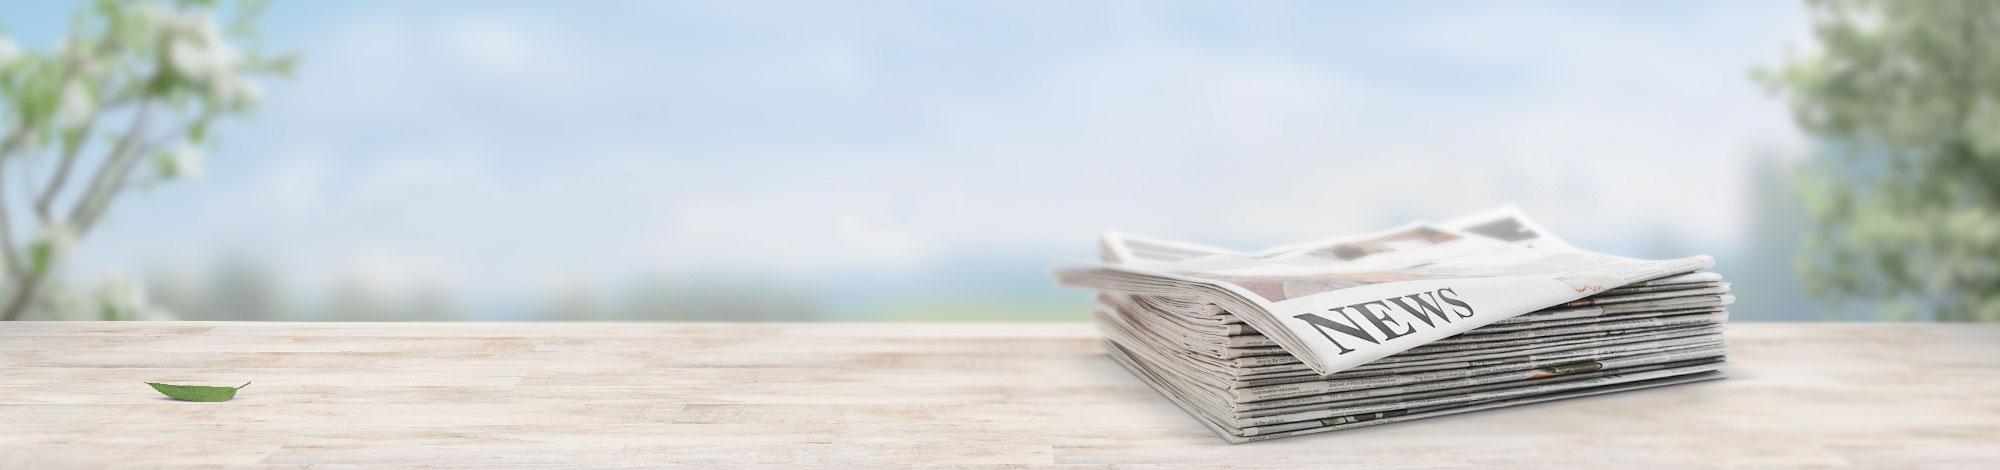 News und Informationen